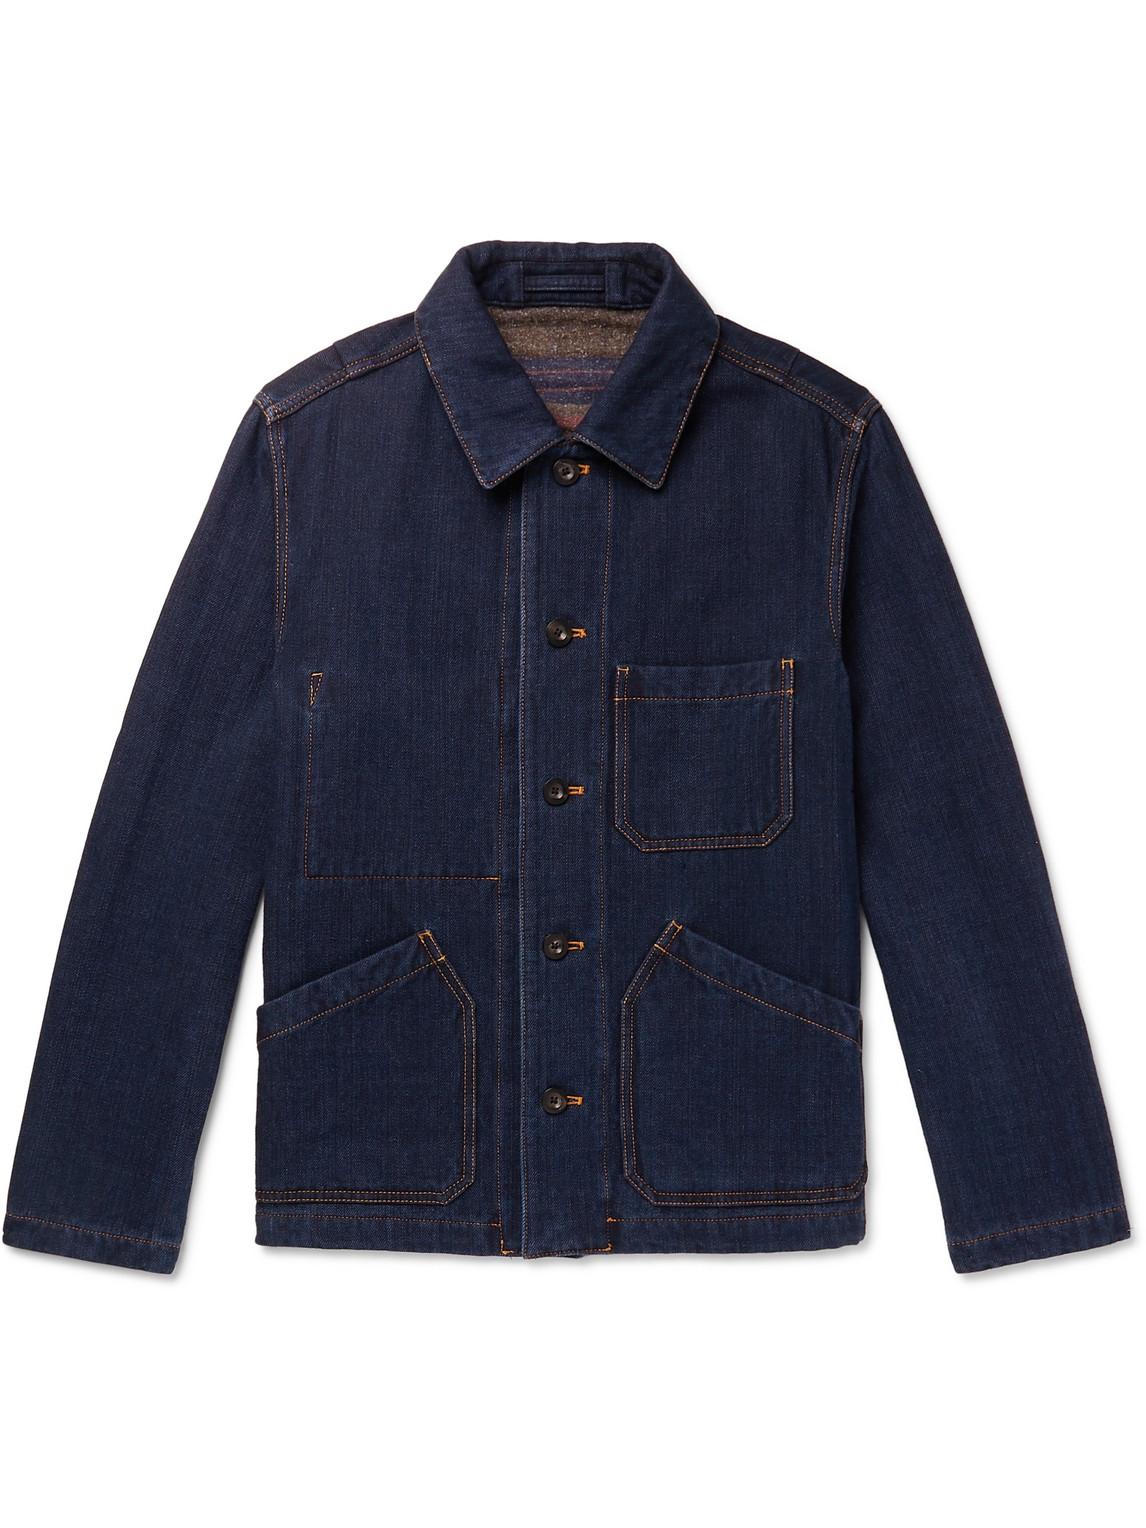 mr p. - double-faced denim chore jacket - men - blue - xs